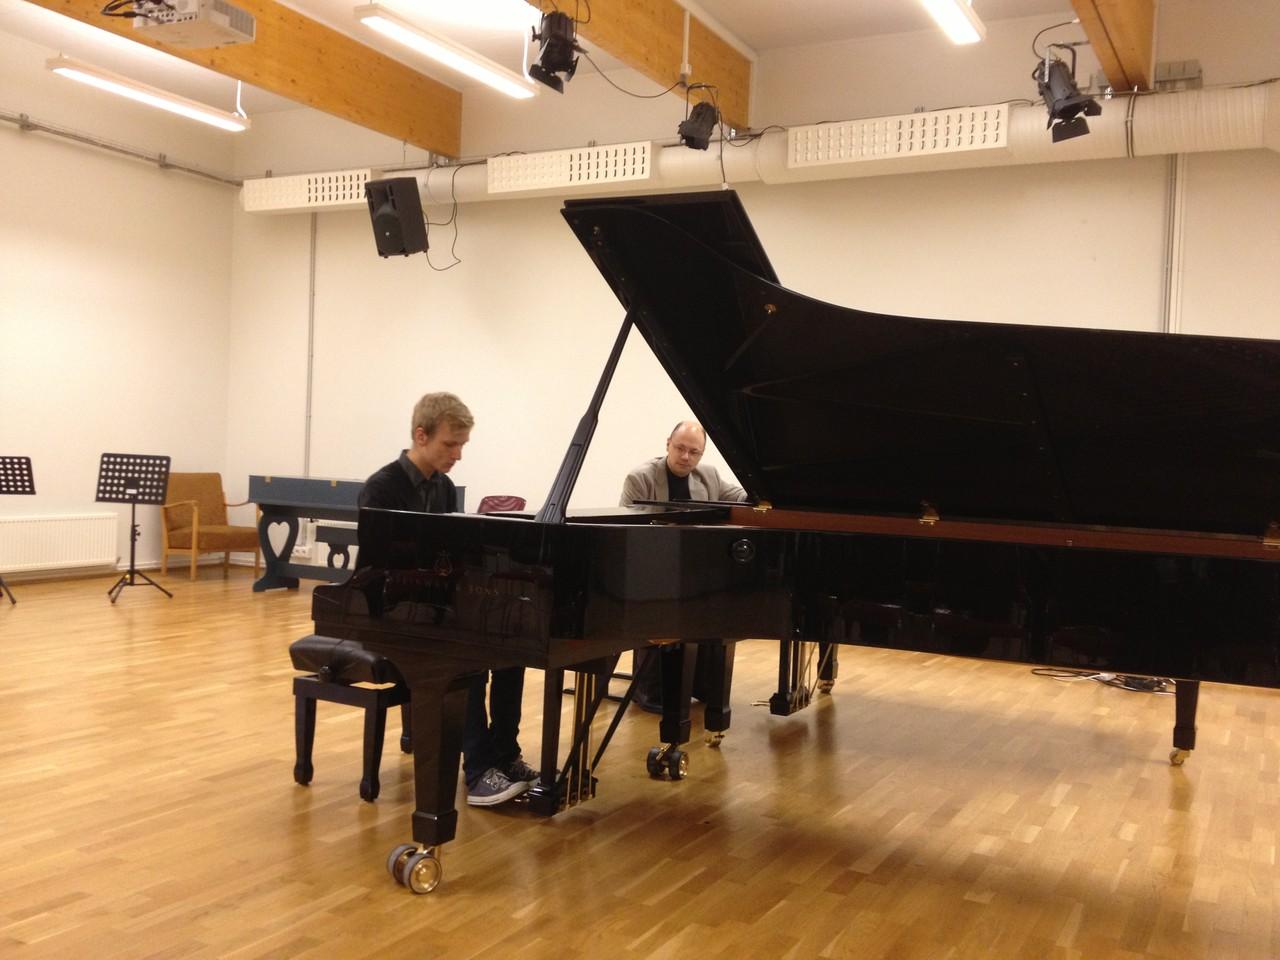 アイスランド レイキャビック芸術アカデミーにて ピアノマスタークラス 2012 (Foto:privat)